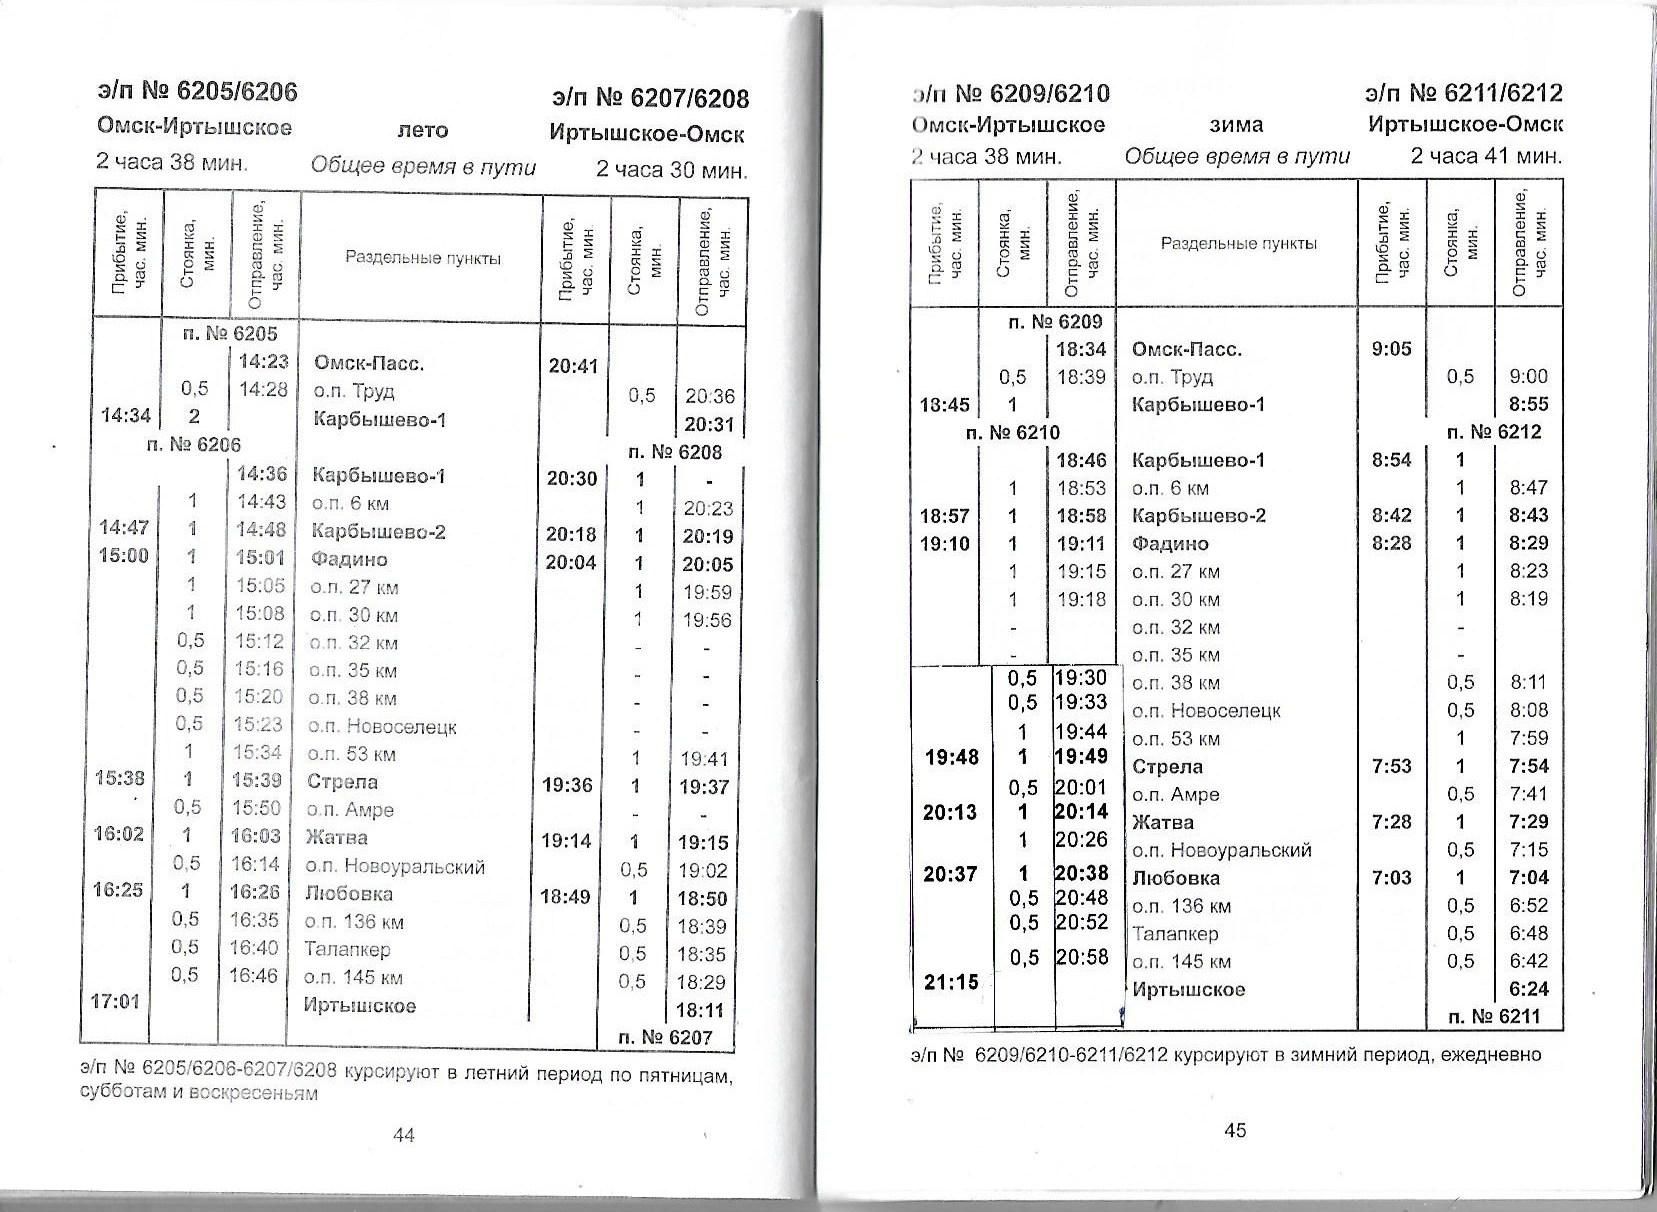 Особенности транспорта Универсиады и очень увлечённый Алексей - 8